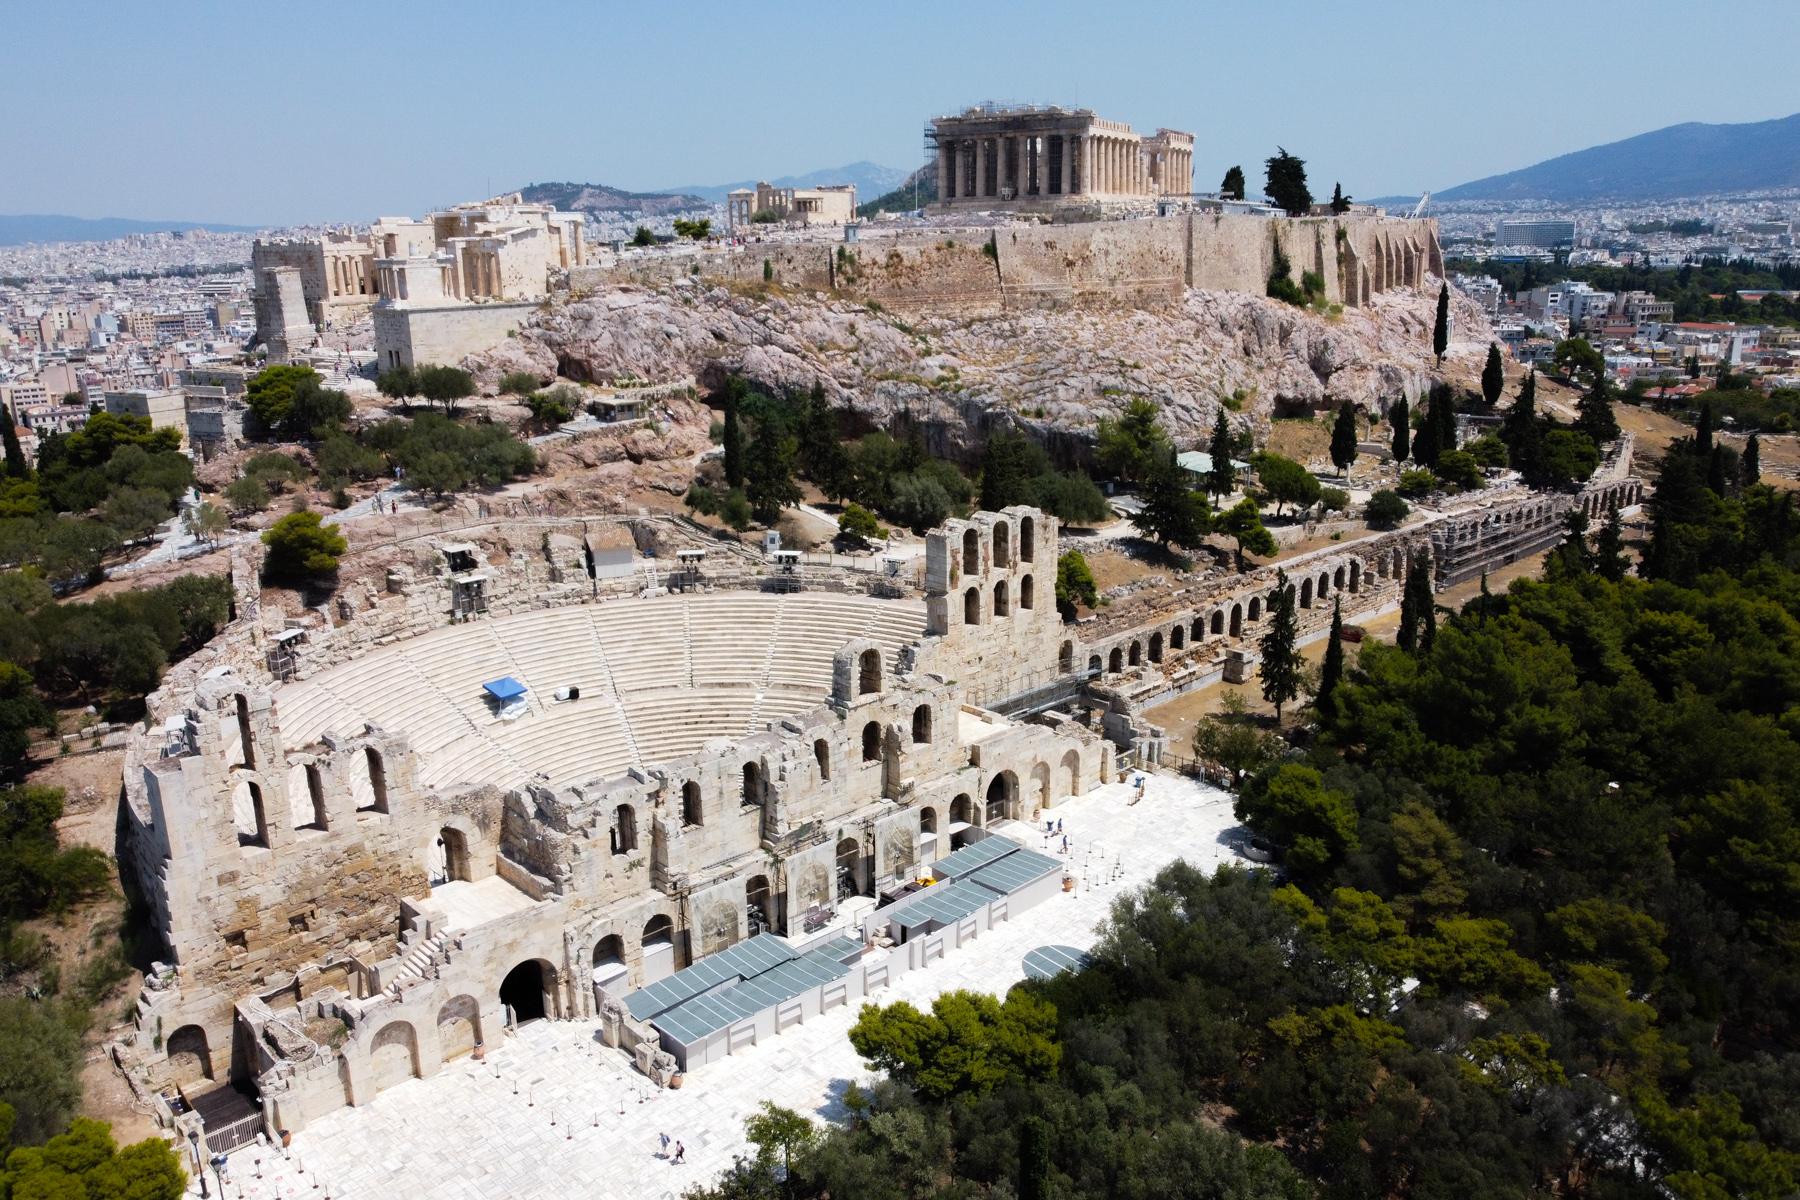 Αεροφωτογραφία με χρήση drone του εμβληματικού λόφου της Ακρόπολης, του Παρθενώνα και του διάσημου θεάτρου του Διονύσου στην Αθήνα, 5 Αυγούστου 2020